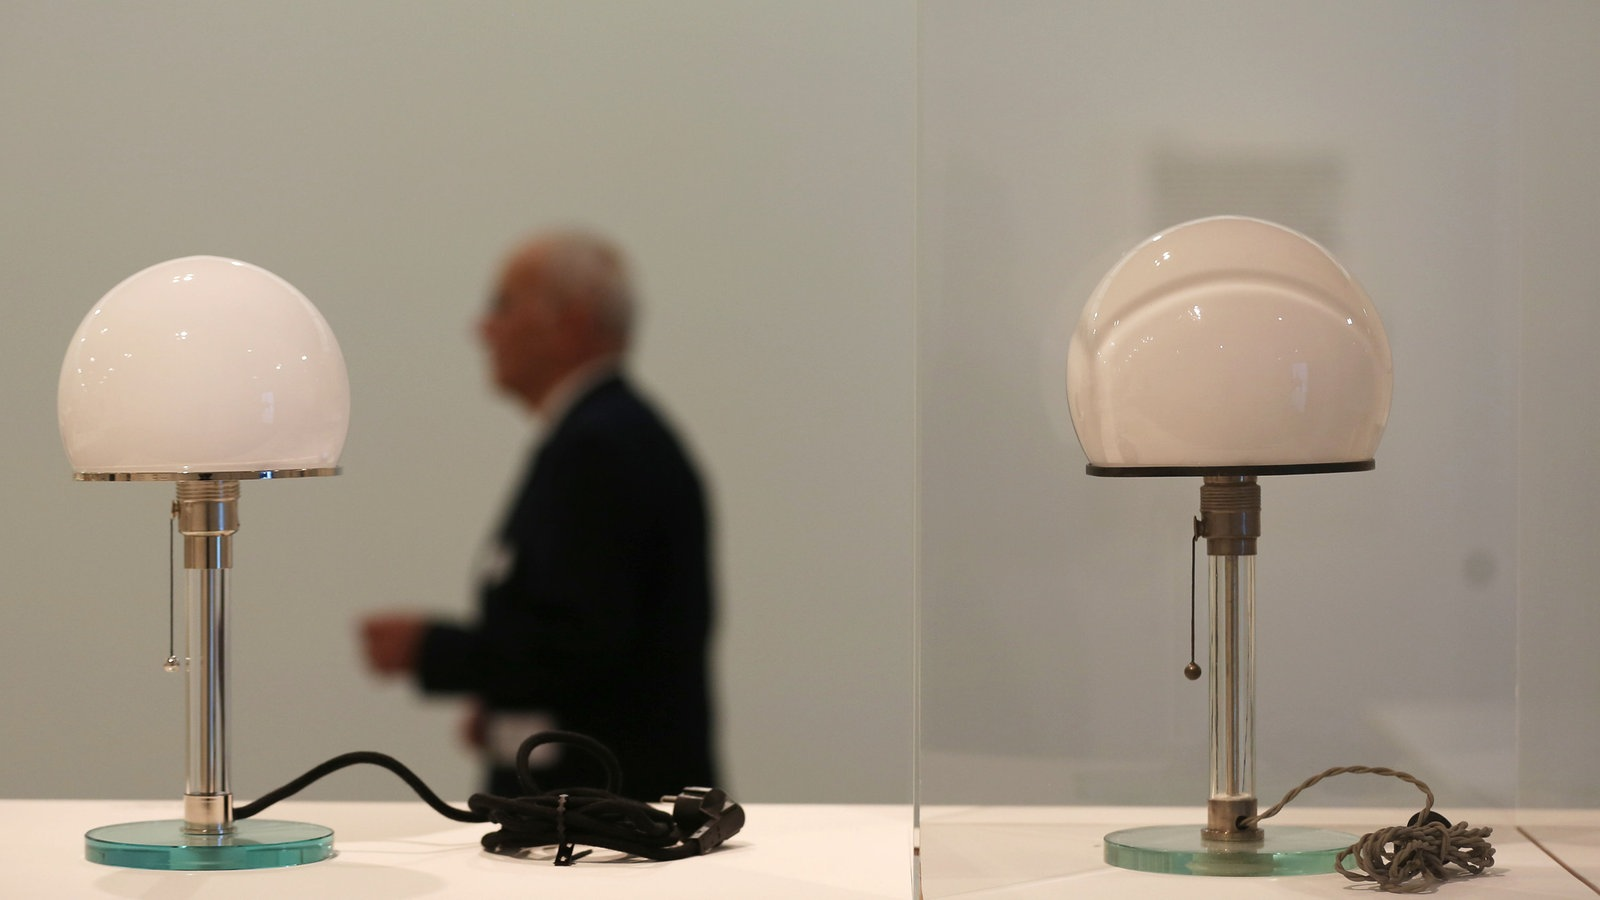 Das Bauhaus Erklärt In Objekten Die Wagenfeld Lampe Wdr 5 Scala